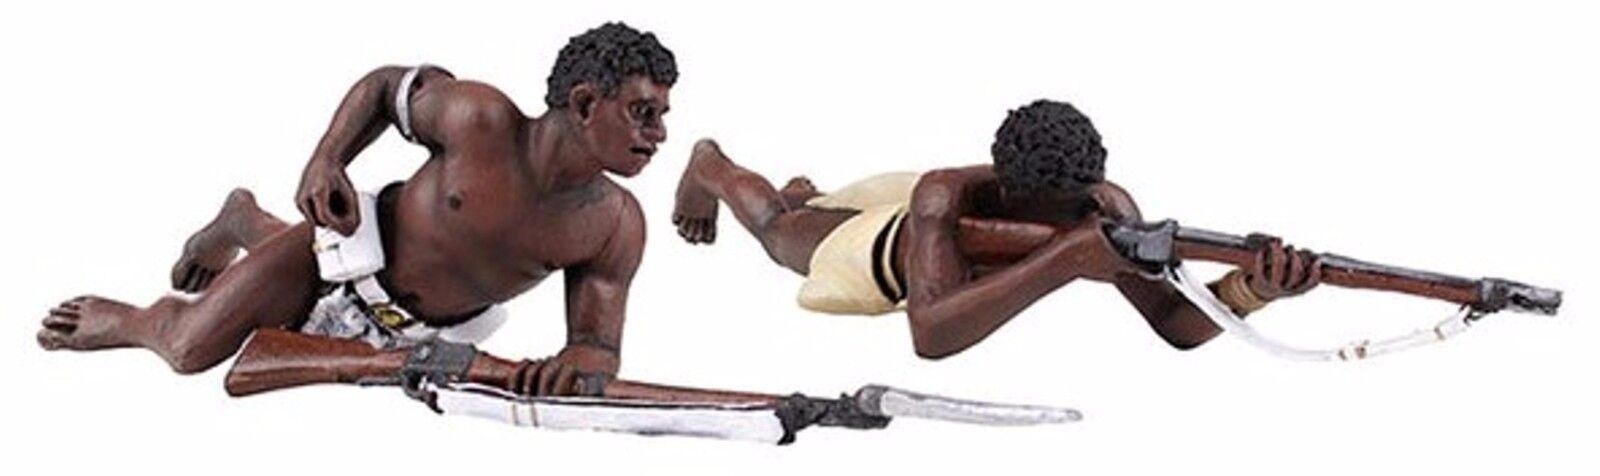 Britains Anglo Zulu Krieg 20172 Zulu-Krieger Anfällig Brennen & Ladung MIB